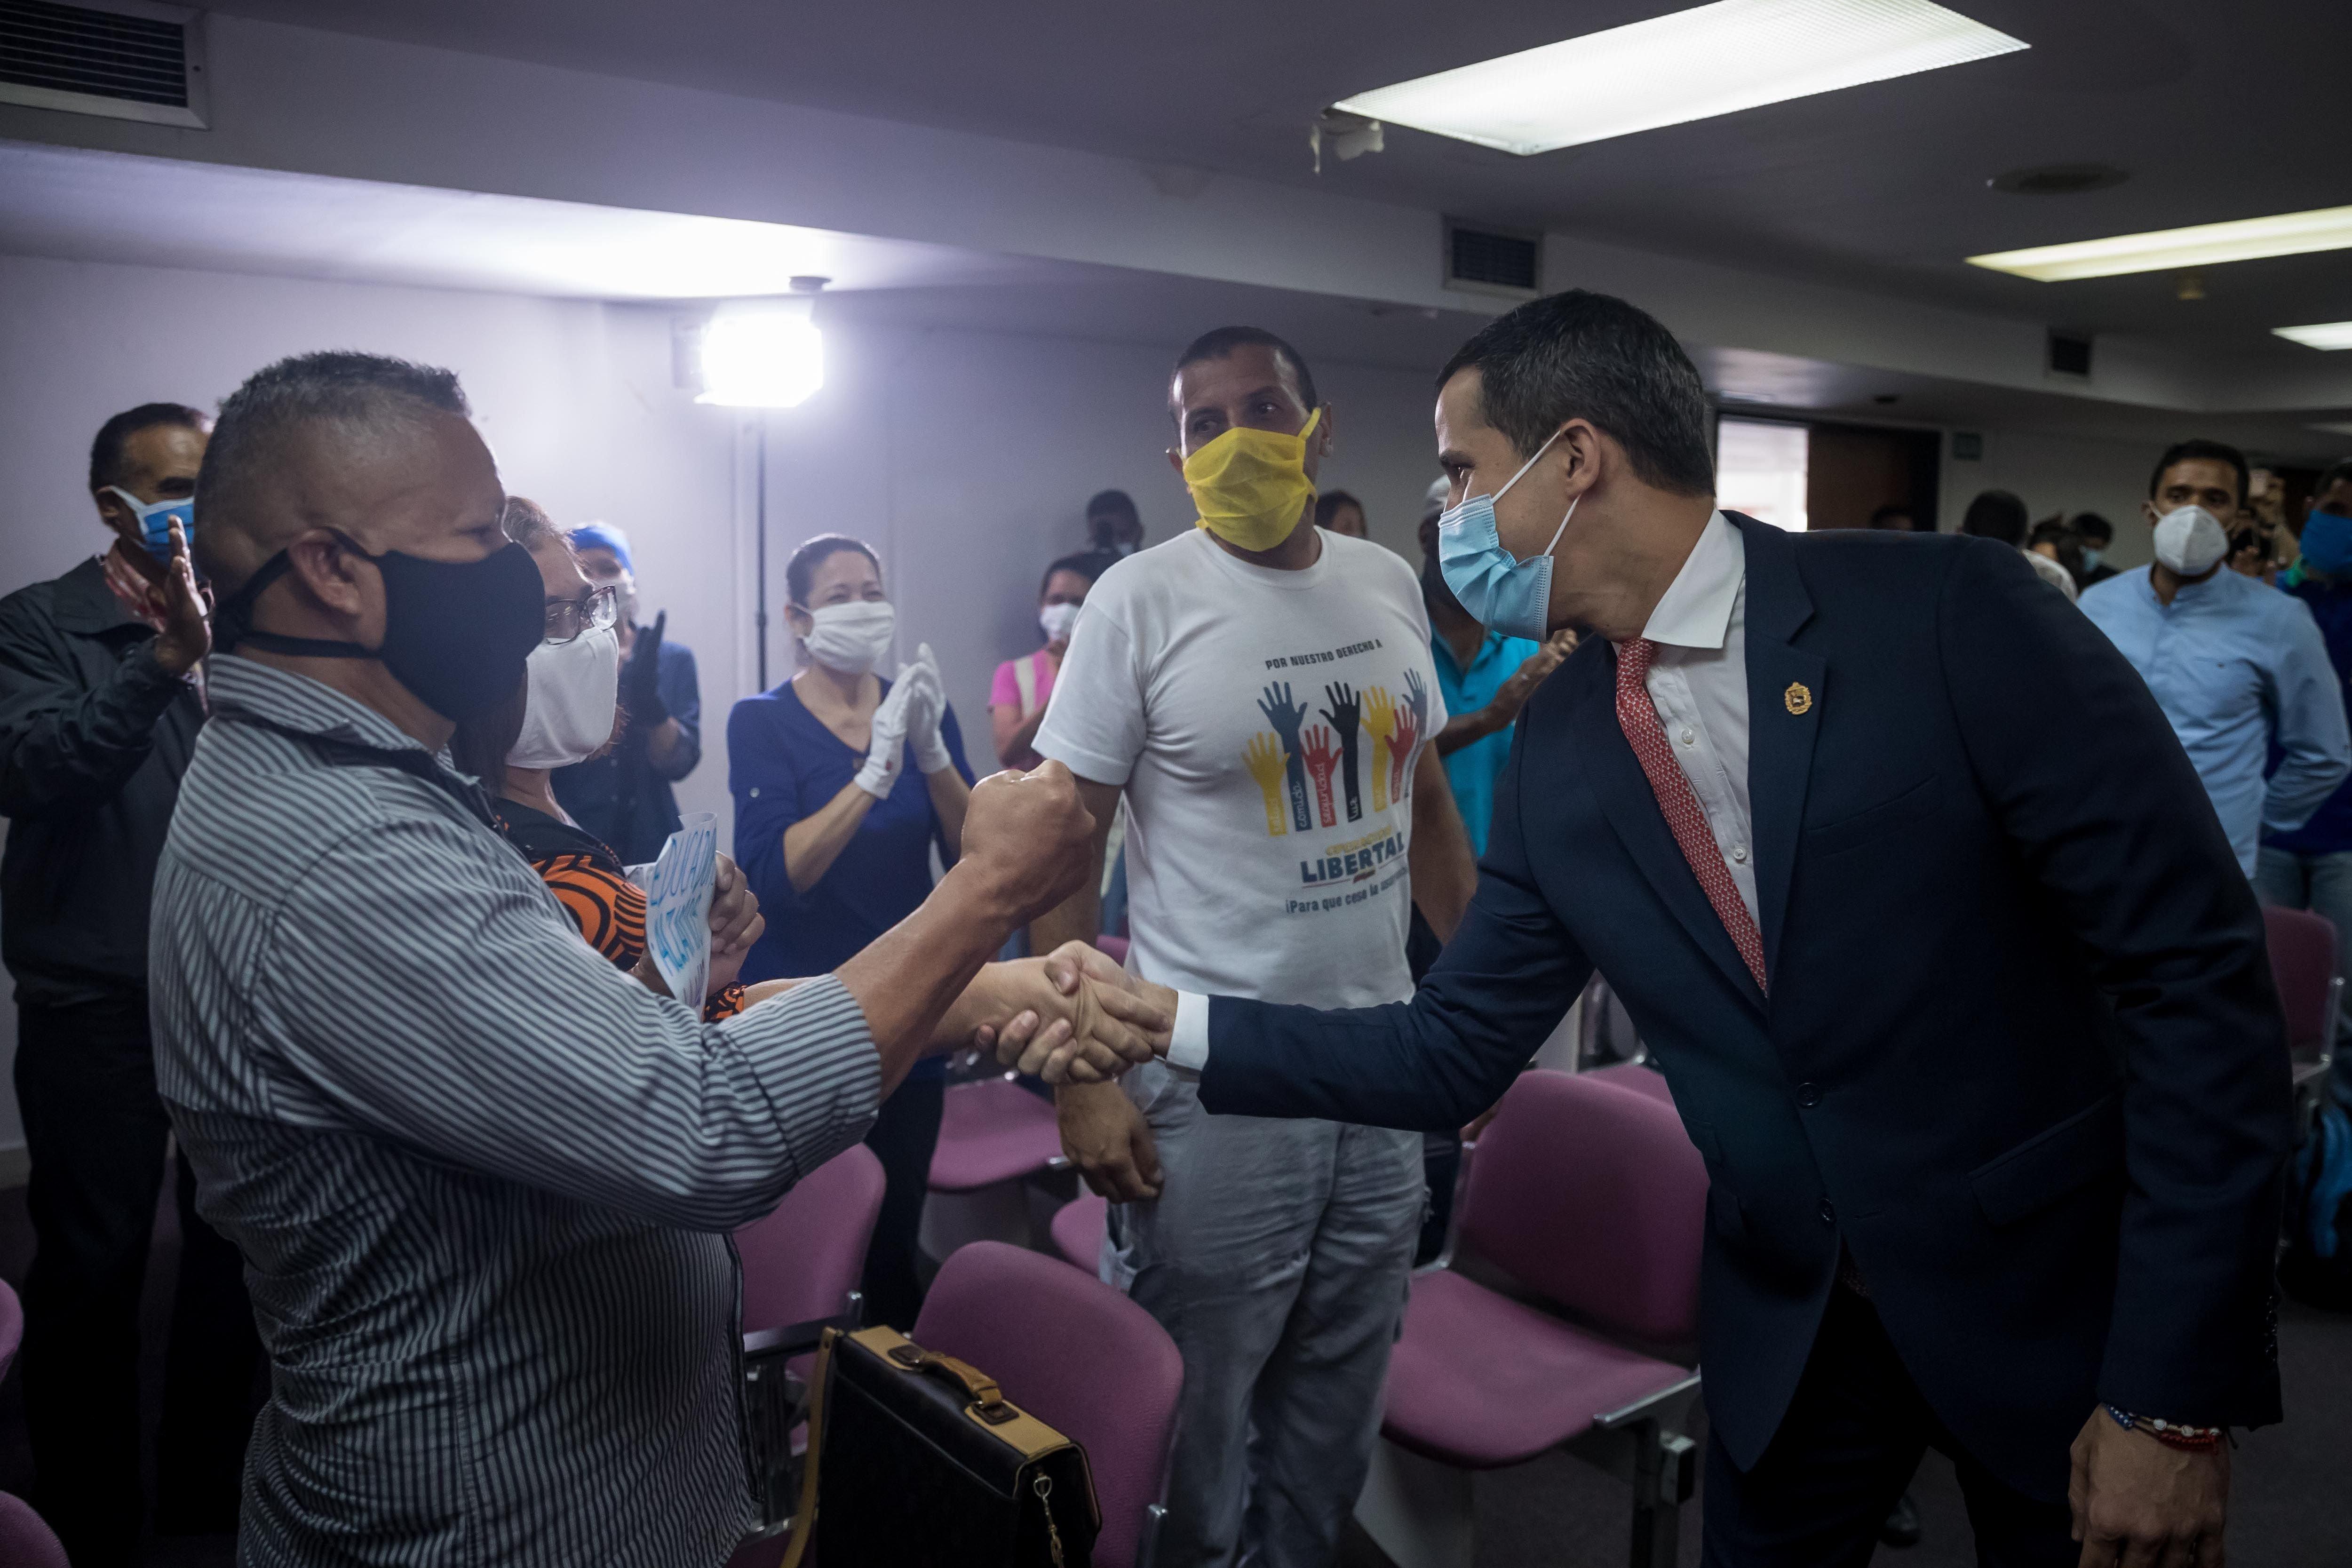 La violencia, las amenazas y la censura marcan la campaña electoral en Venezuela